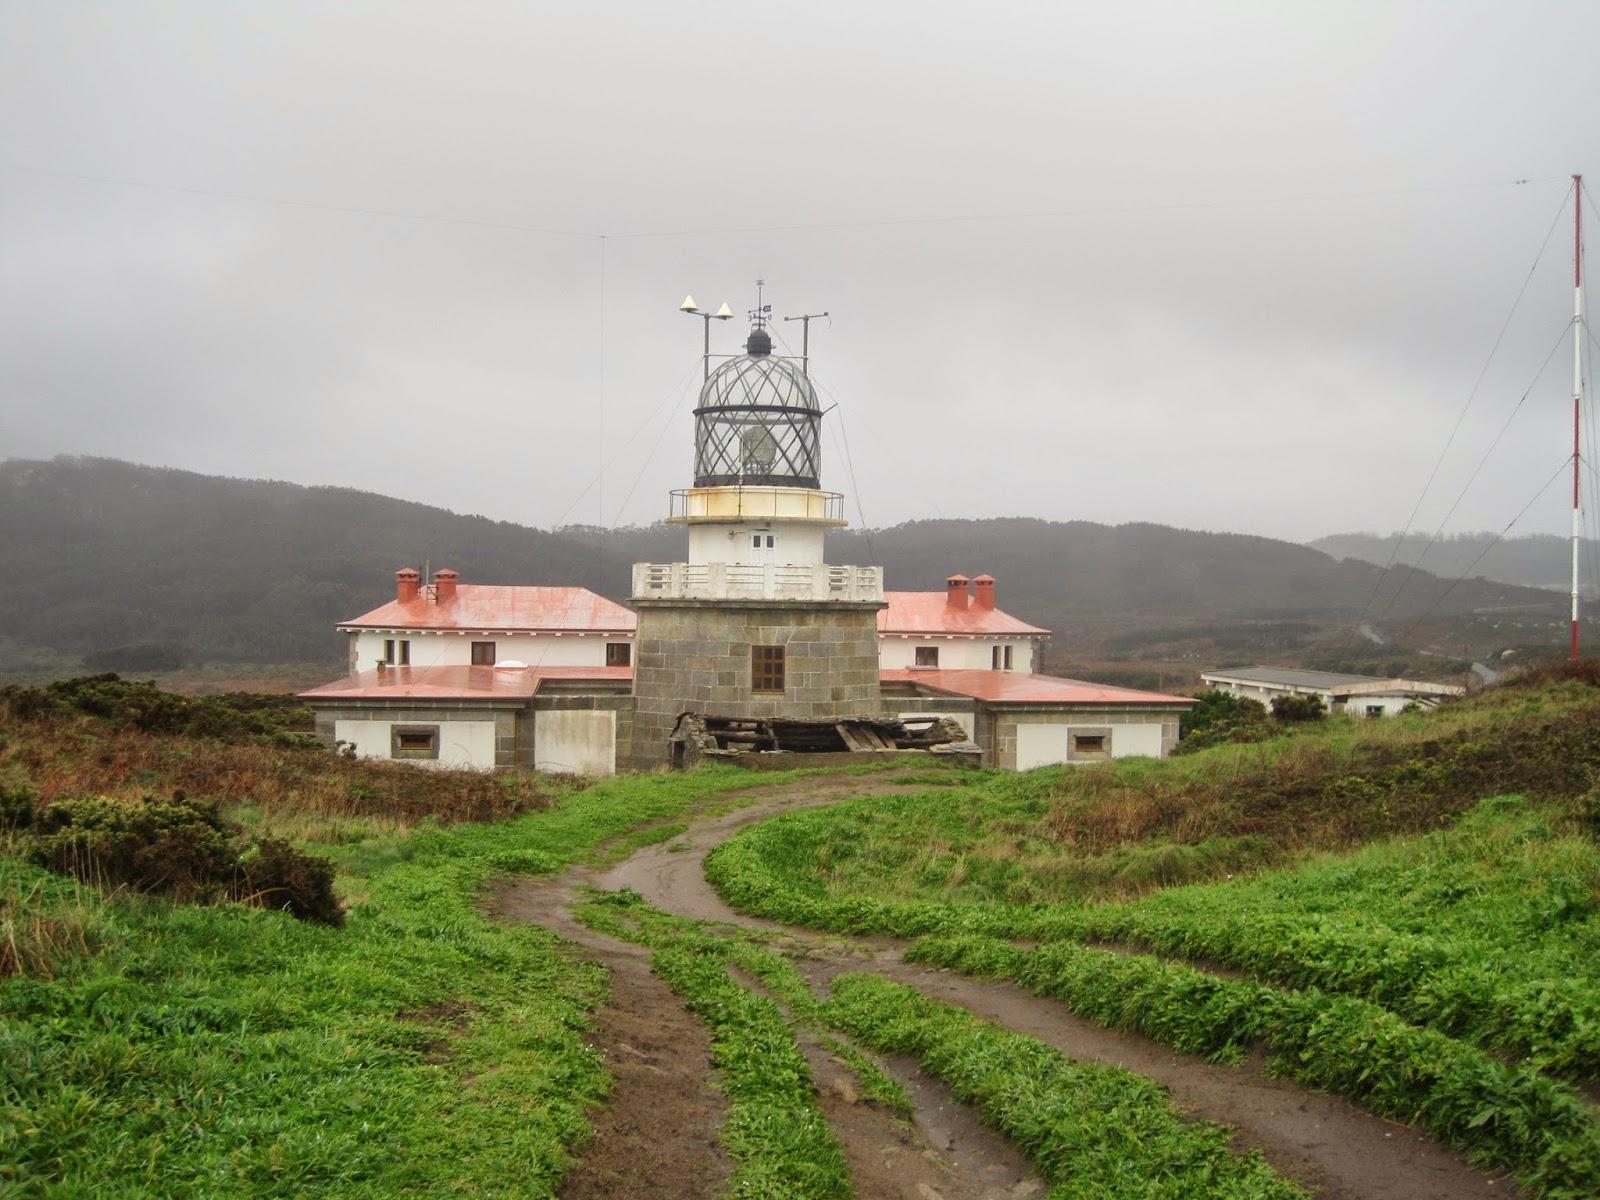 Faro de Estaca de Bares en Mañón